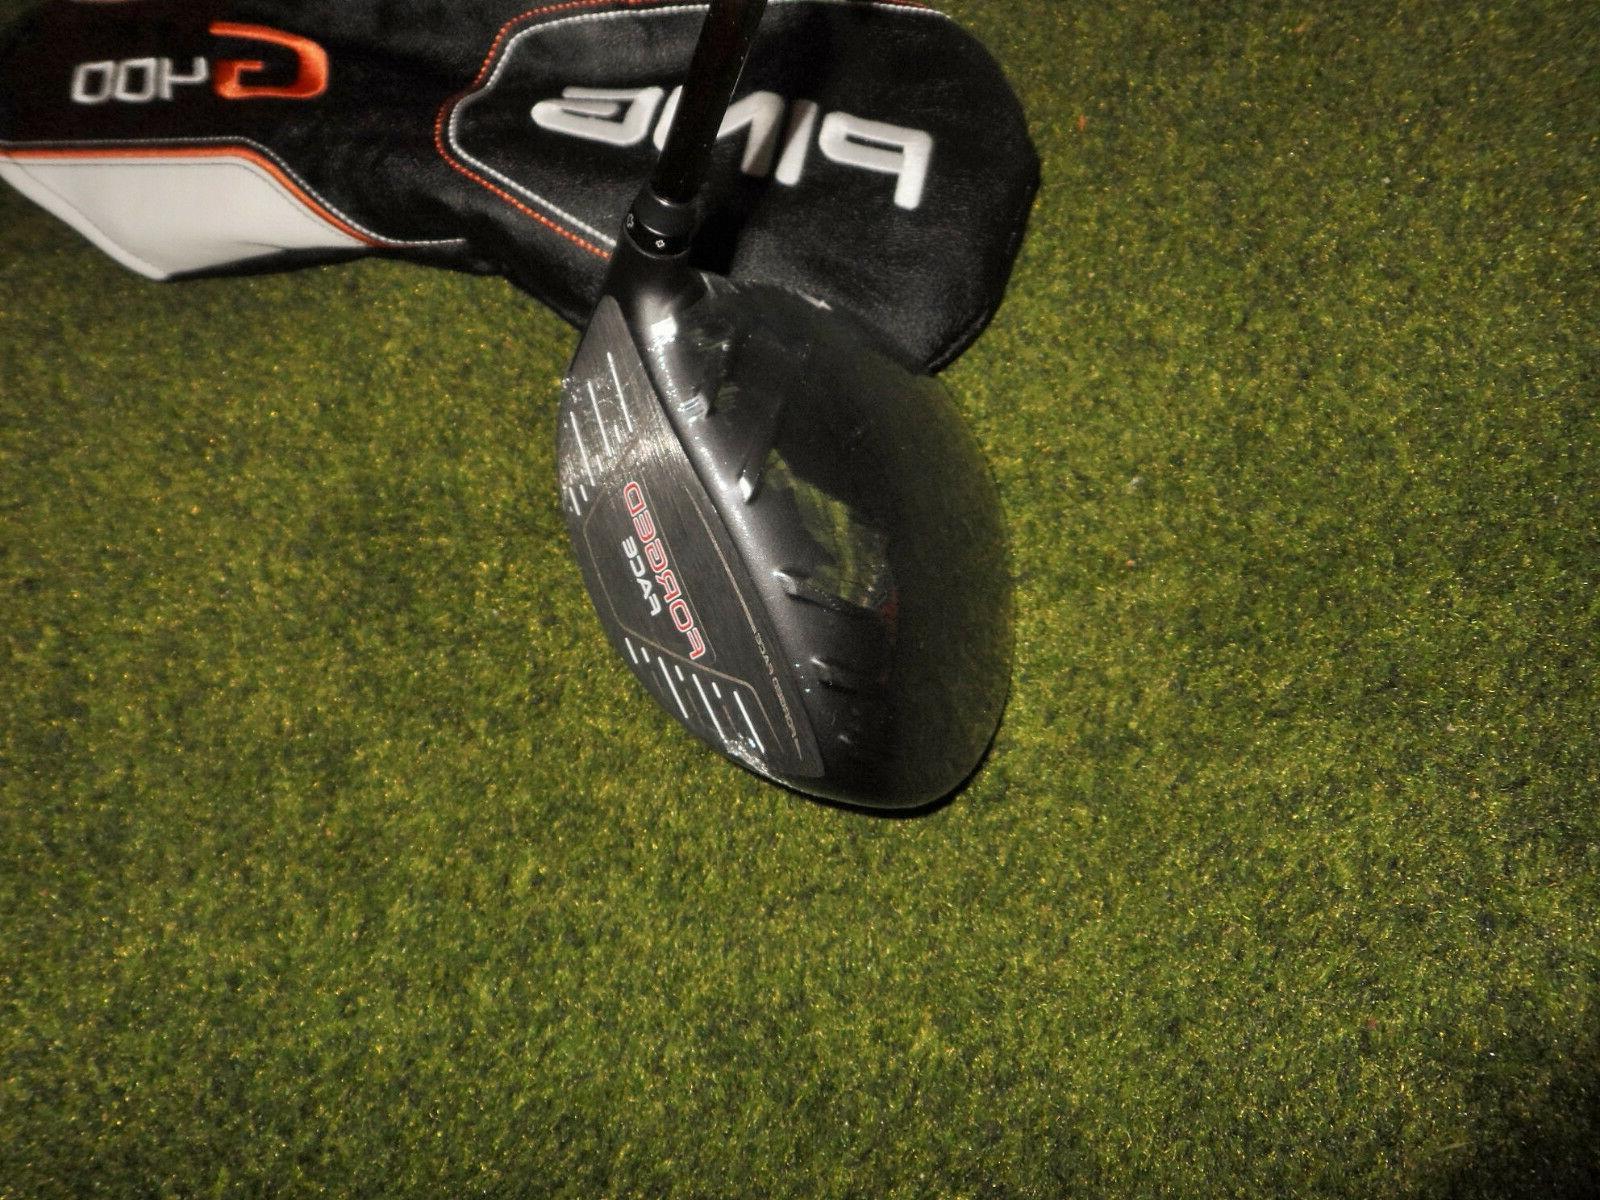 sweet golf club a g400 max 10